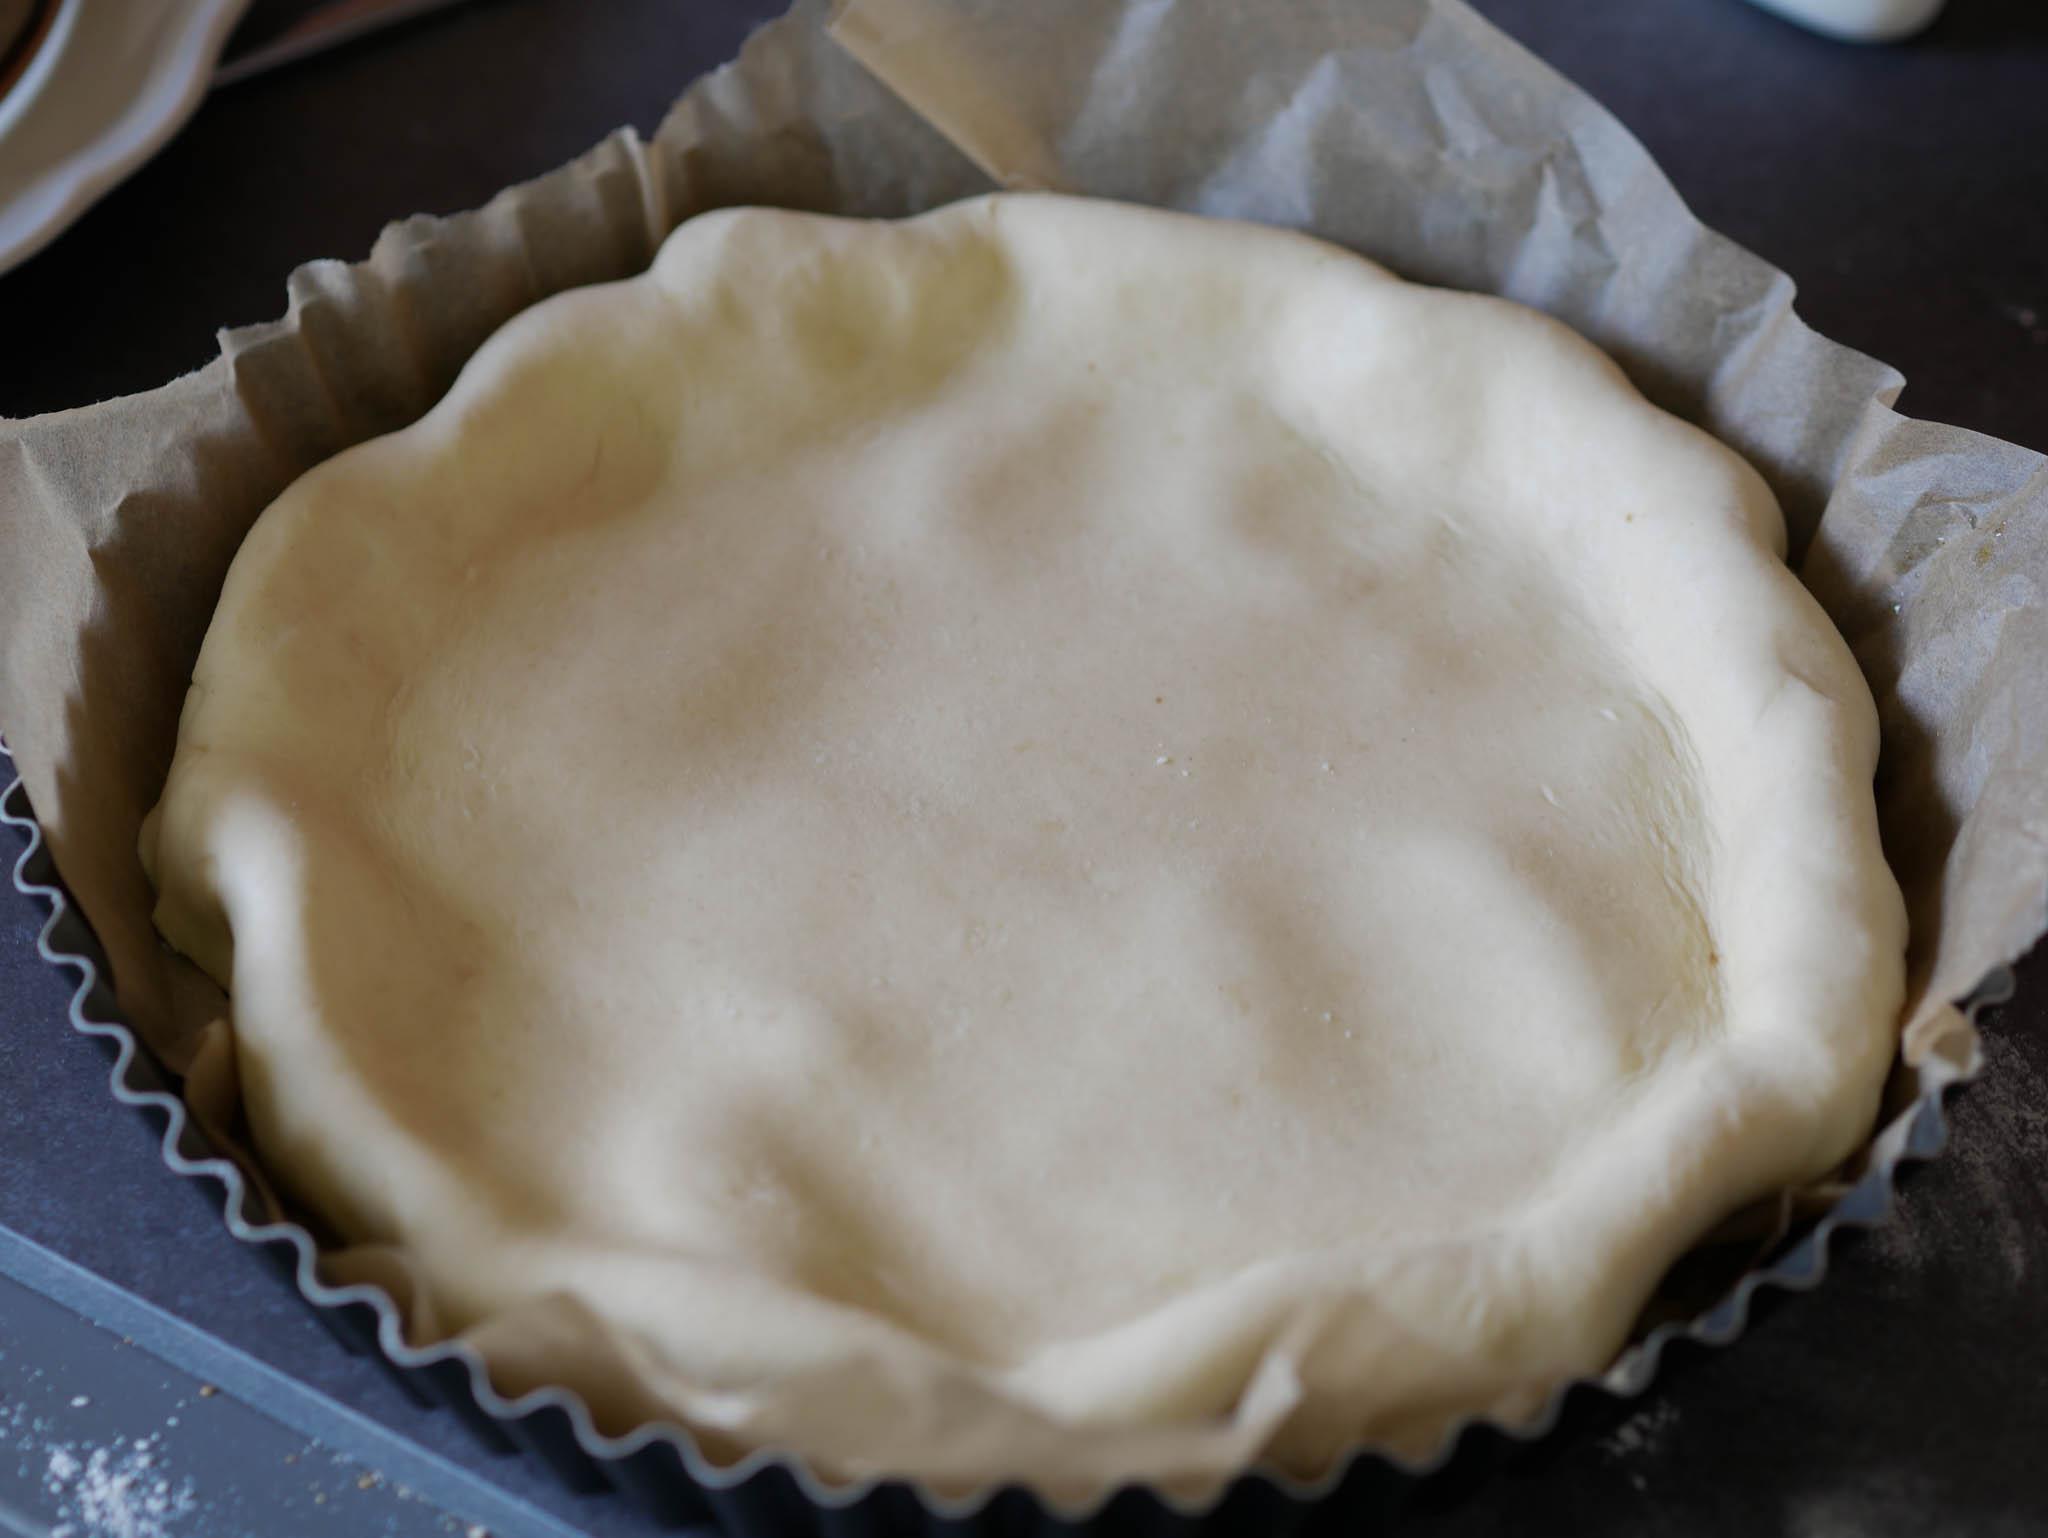 Rabattez les bords de la tarte à l'intérieur